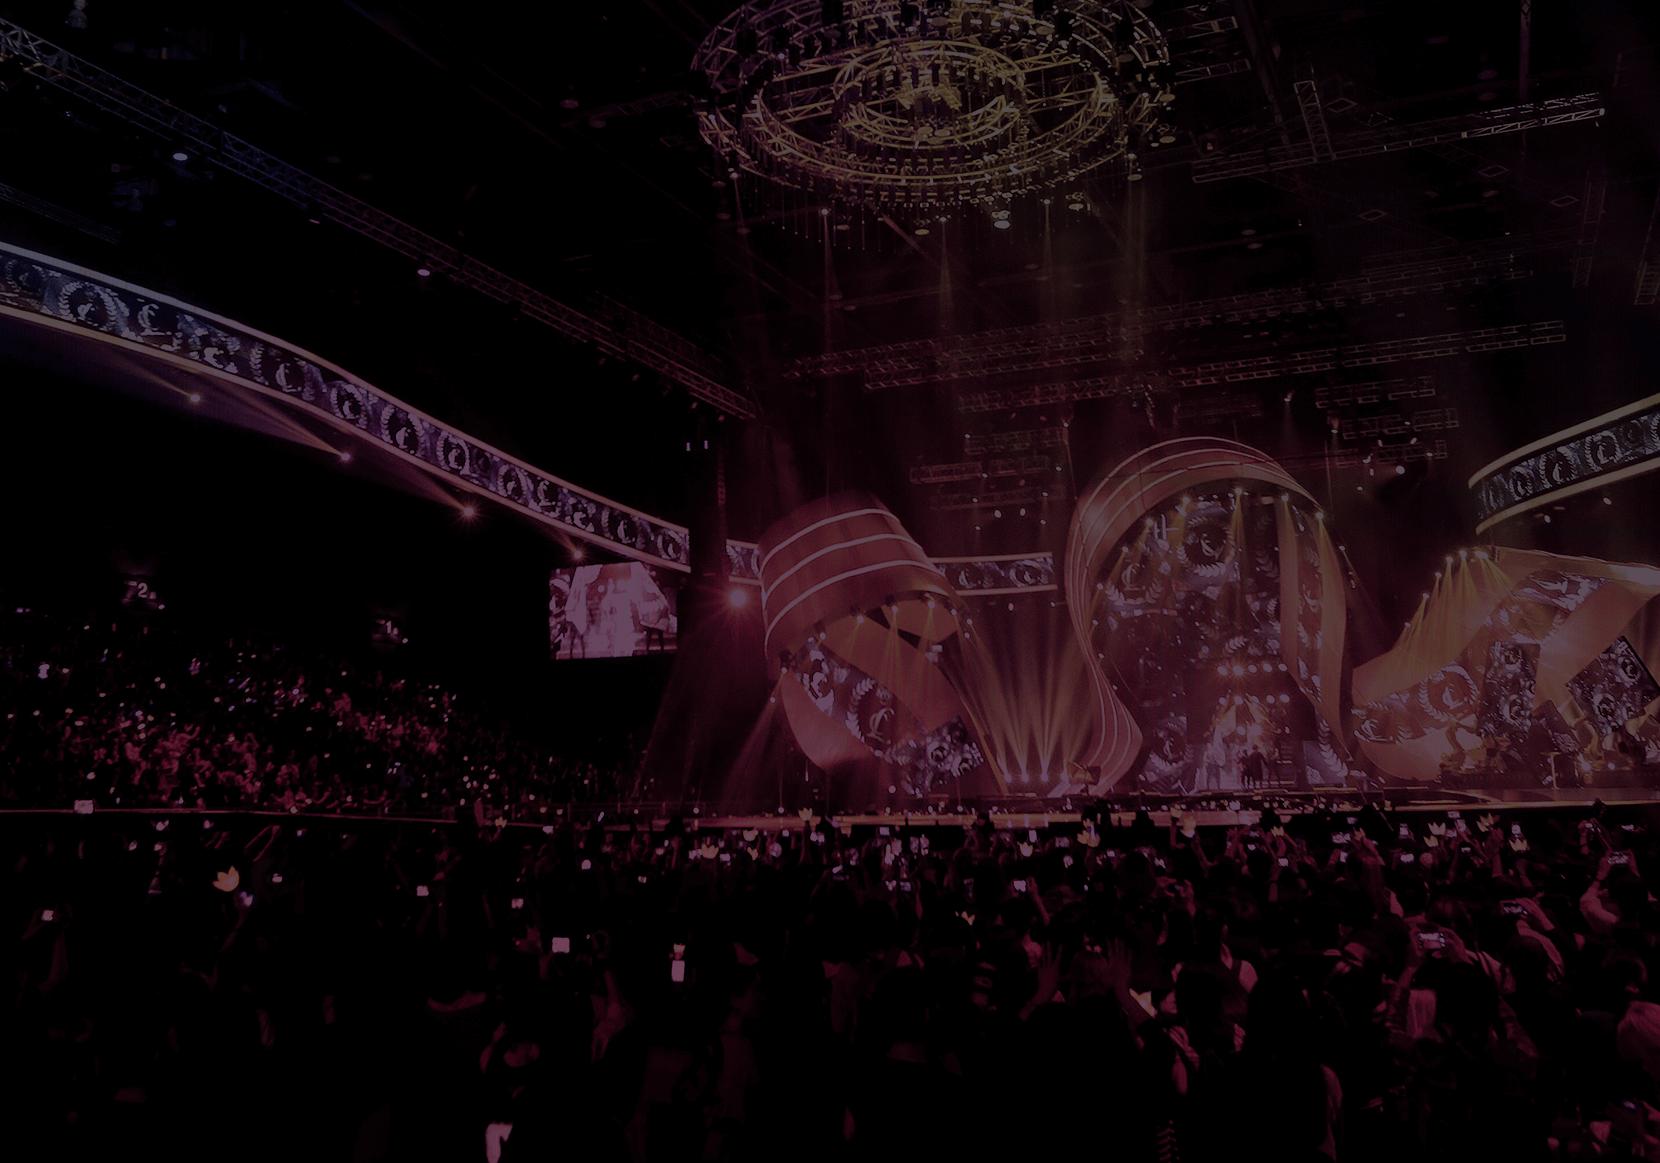 대한민국 최고의 Contents Creator - Mnet